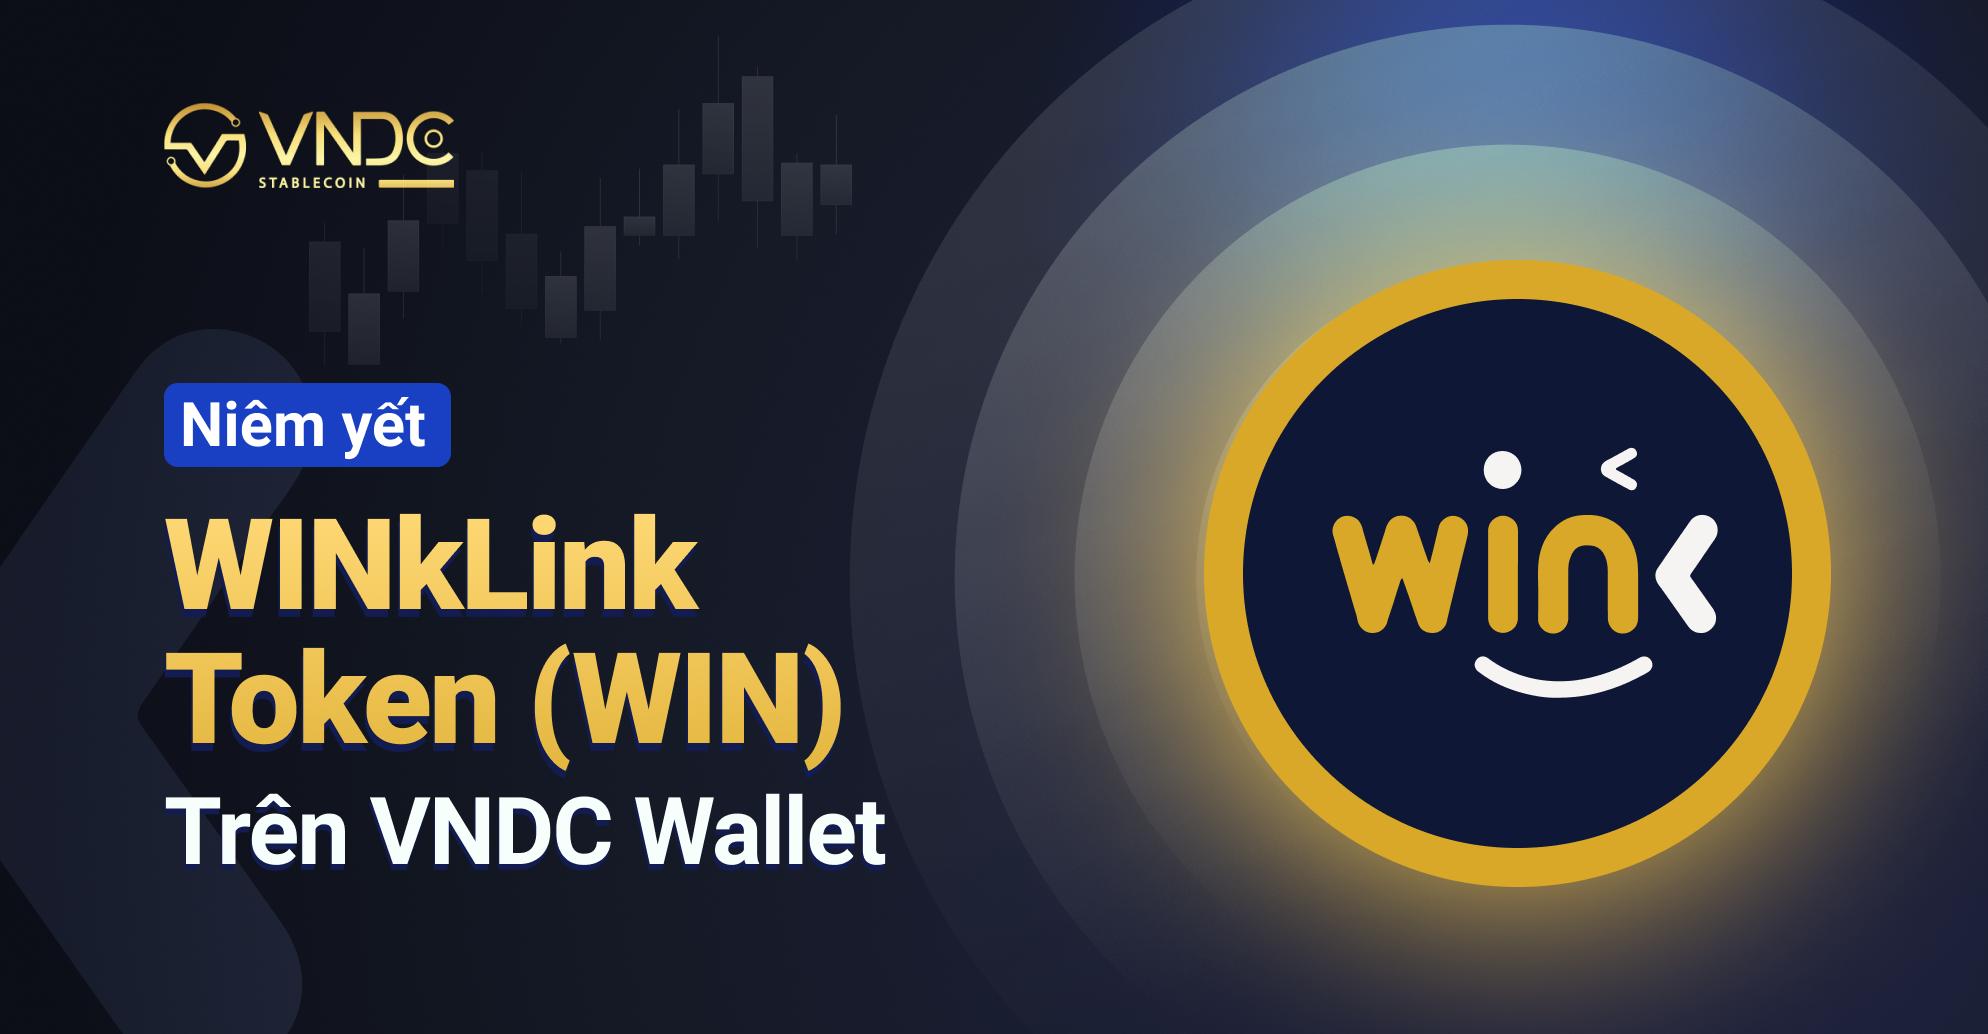 Niêm yết WINkLink Token (WIN) trên VNDC Wallet